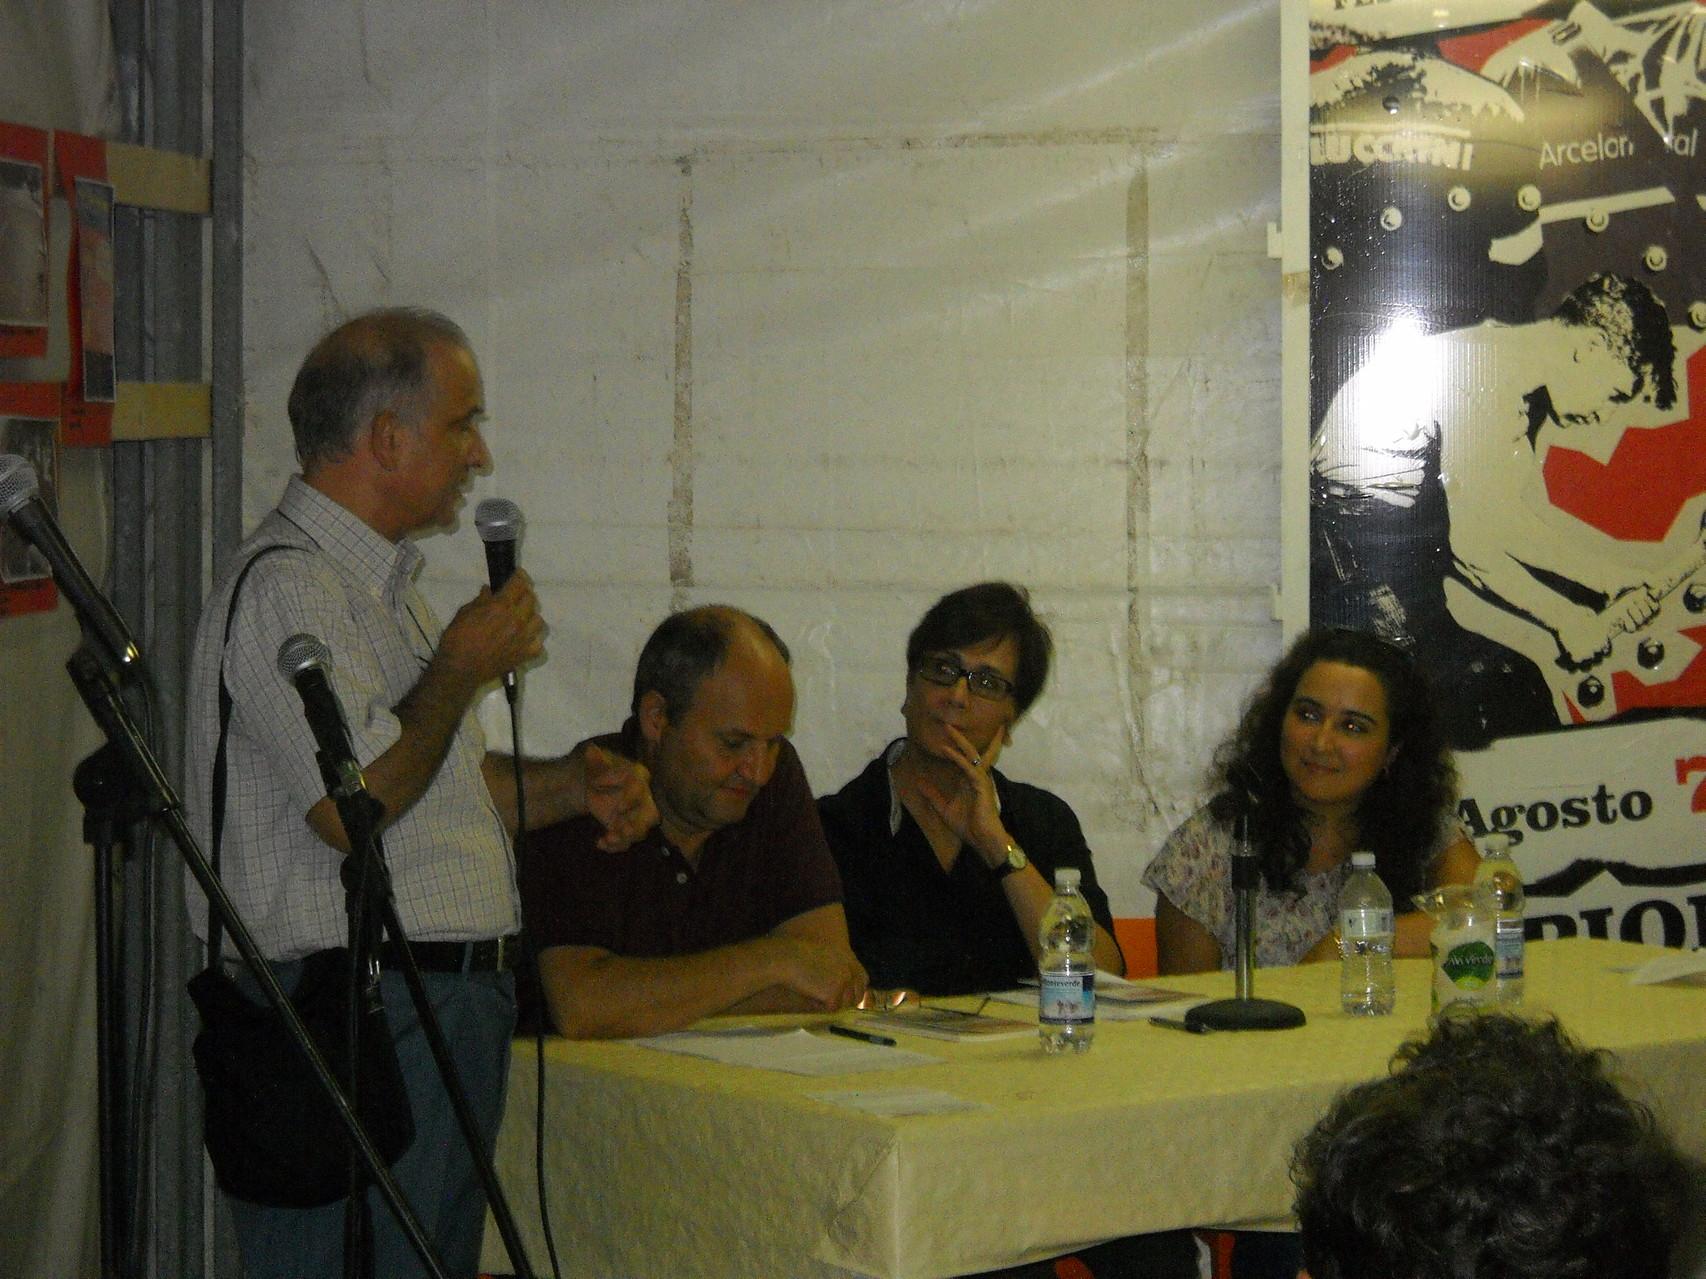 L'intervento della casa editrice La Bancarella Editrice.